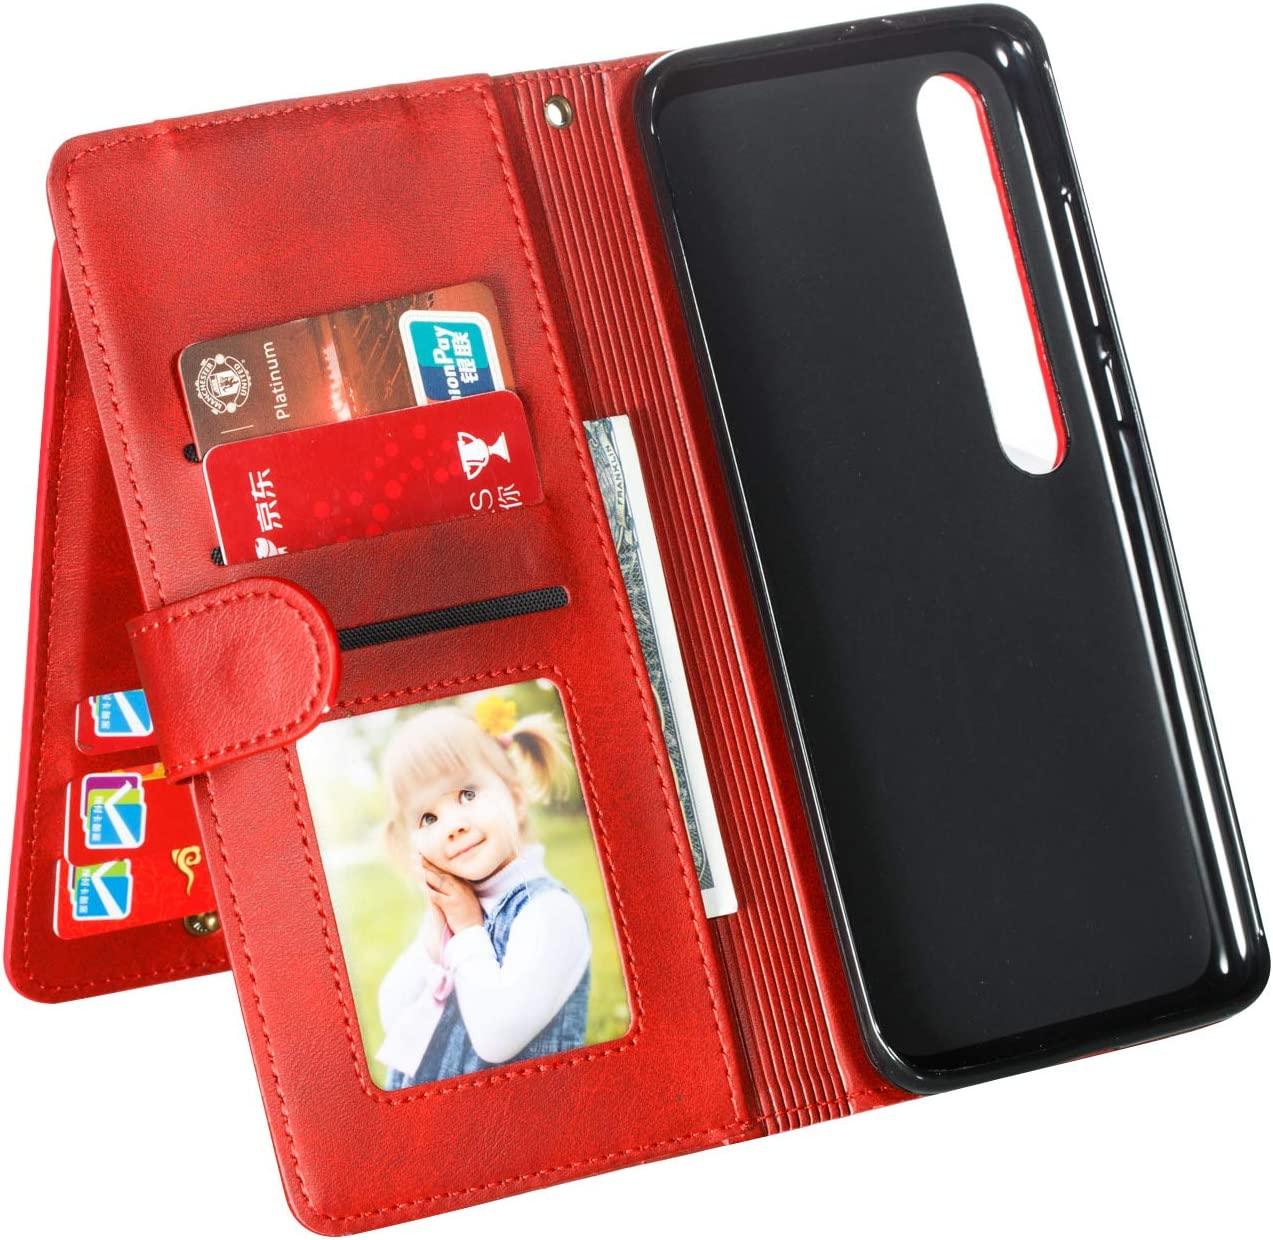 Lomogo Cover Xiaomi Mi 10 Portafoglio Custodia a Libro Pelle Porta Carte Chiusura Magnetica Antiurto Flip Wallet Case per Xiaomi Mi10 LOYTE040419 Blu Mi 10 PRO 5G